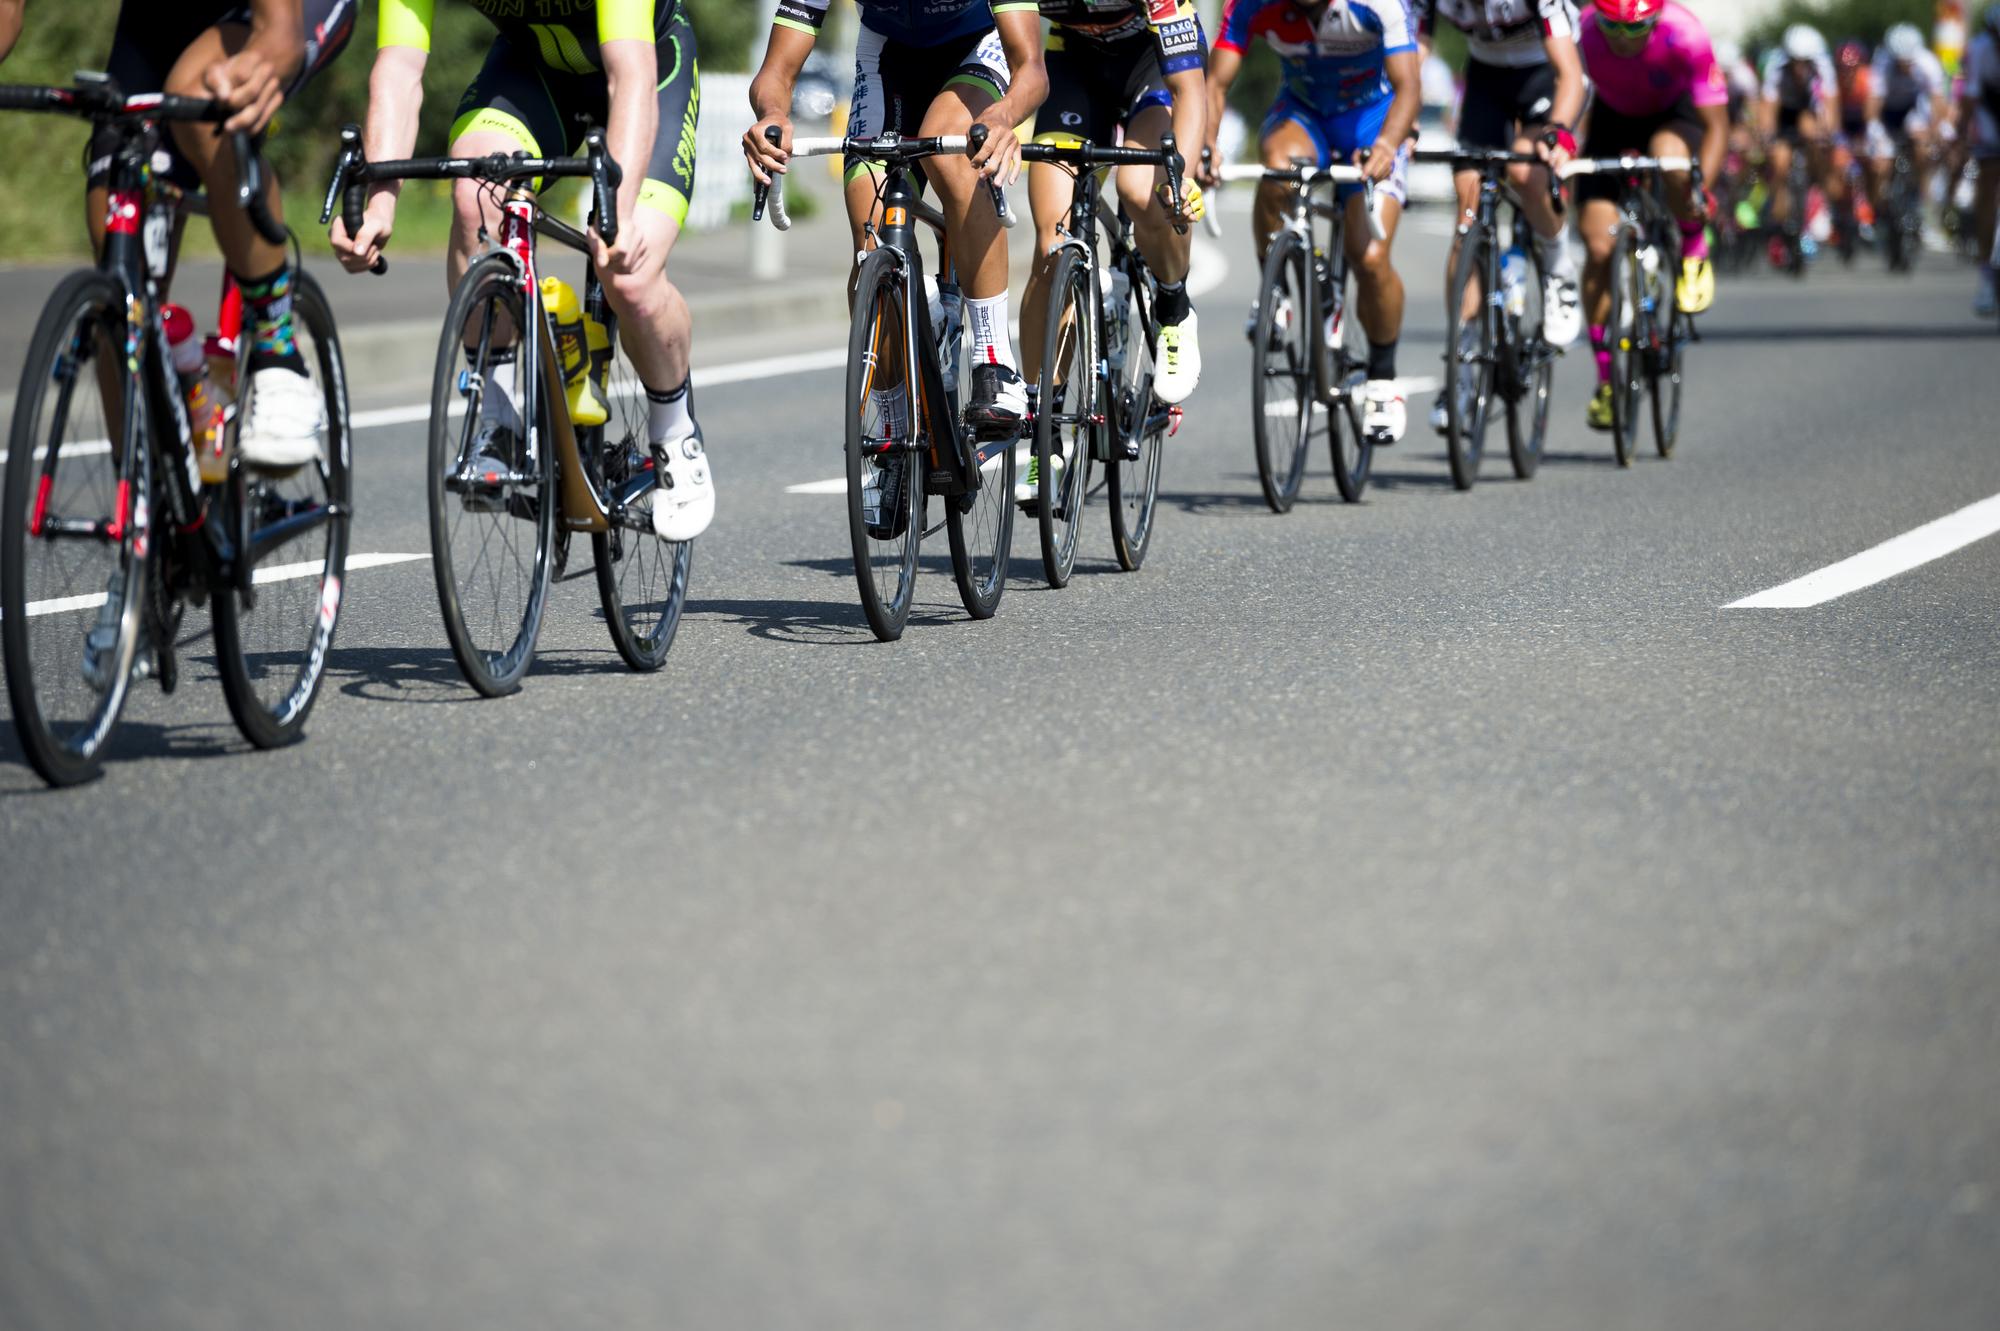 プロのスピードを生で体感!日本で開催される主な自転車ロードレース